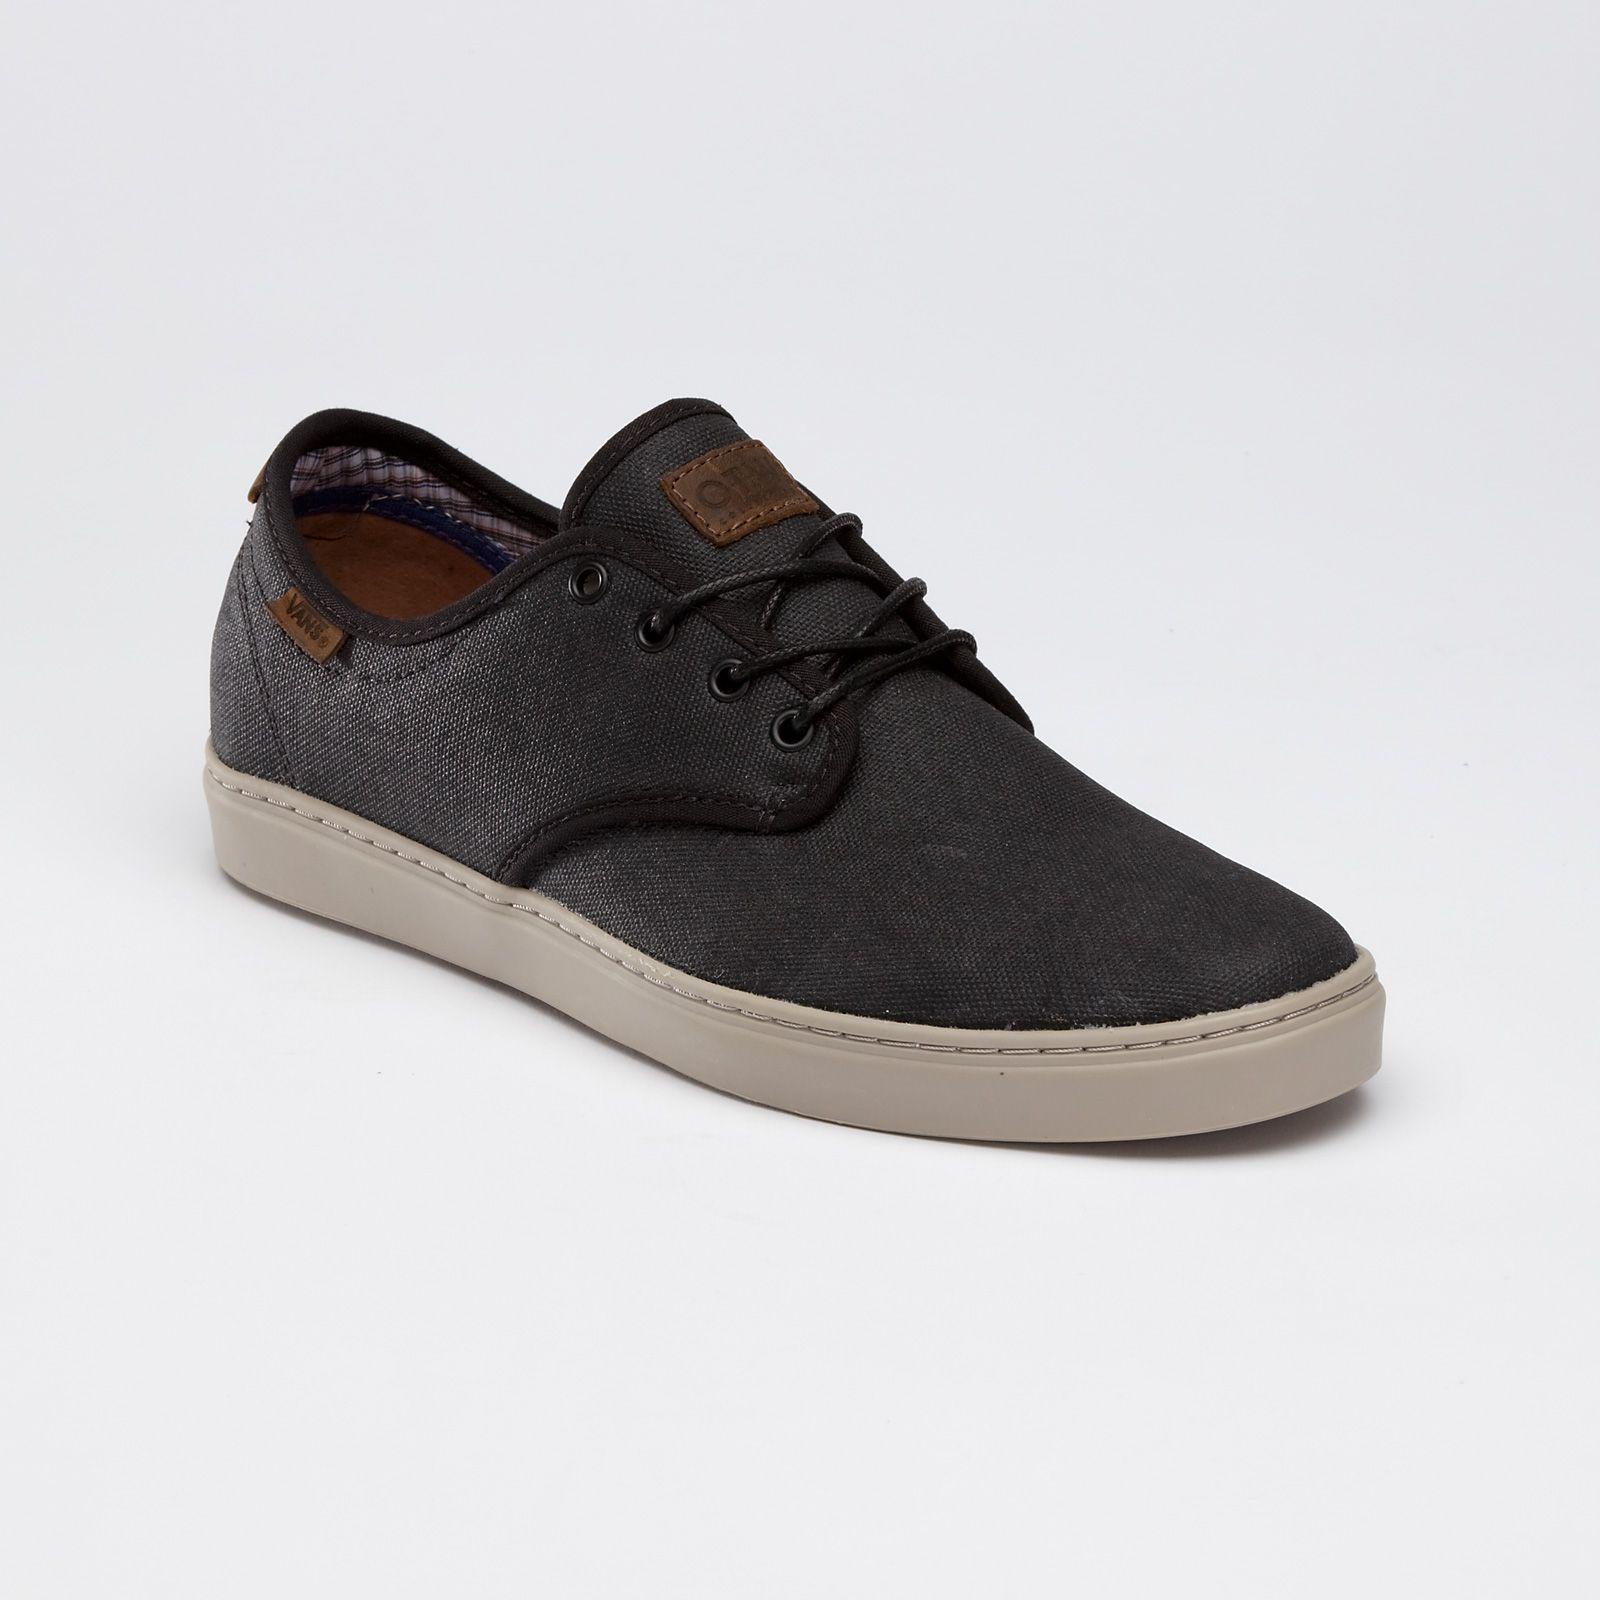 Classic Vans OTW Ludlow Shoes